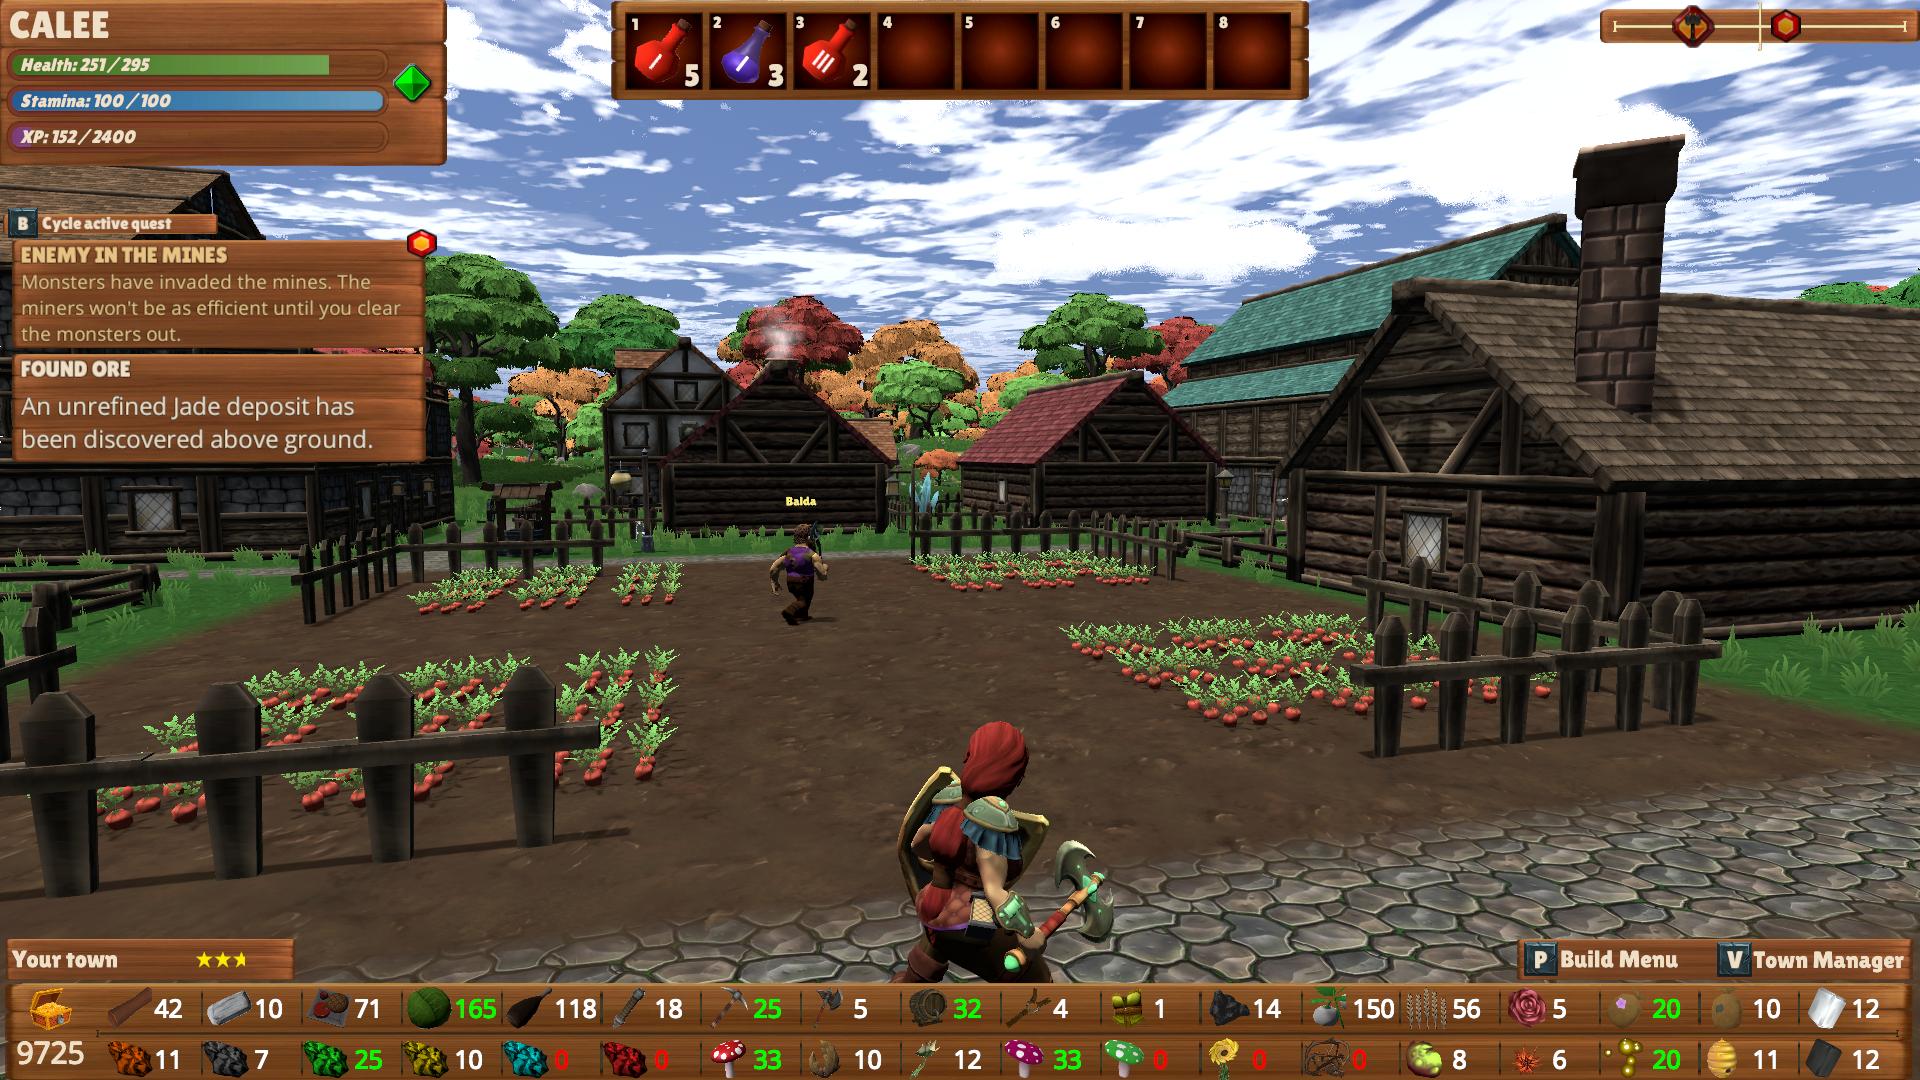 e345335365dafb478fda355288d41813c1b516eb   RPG Jeuxvidéo